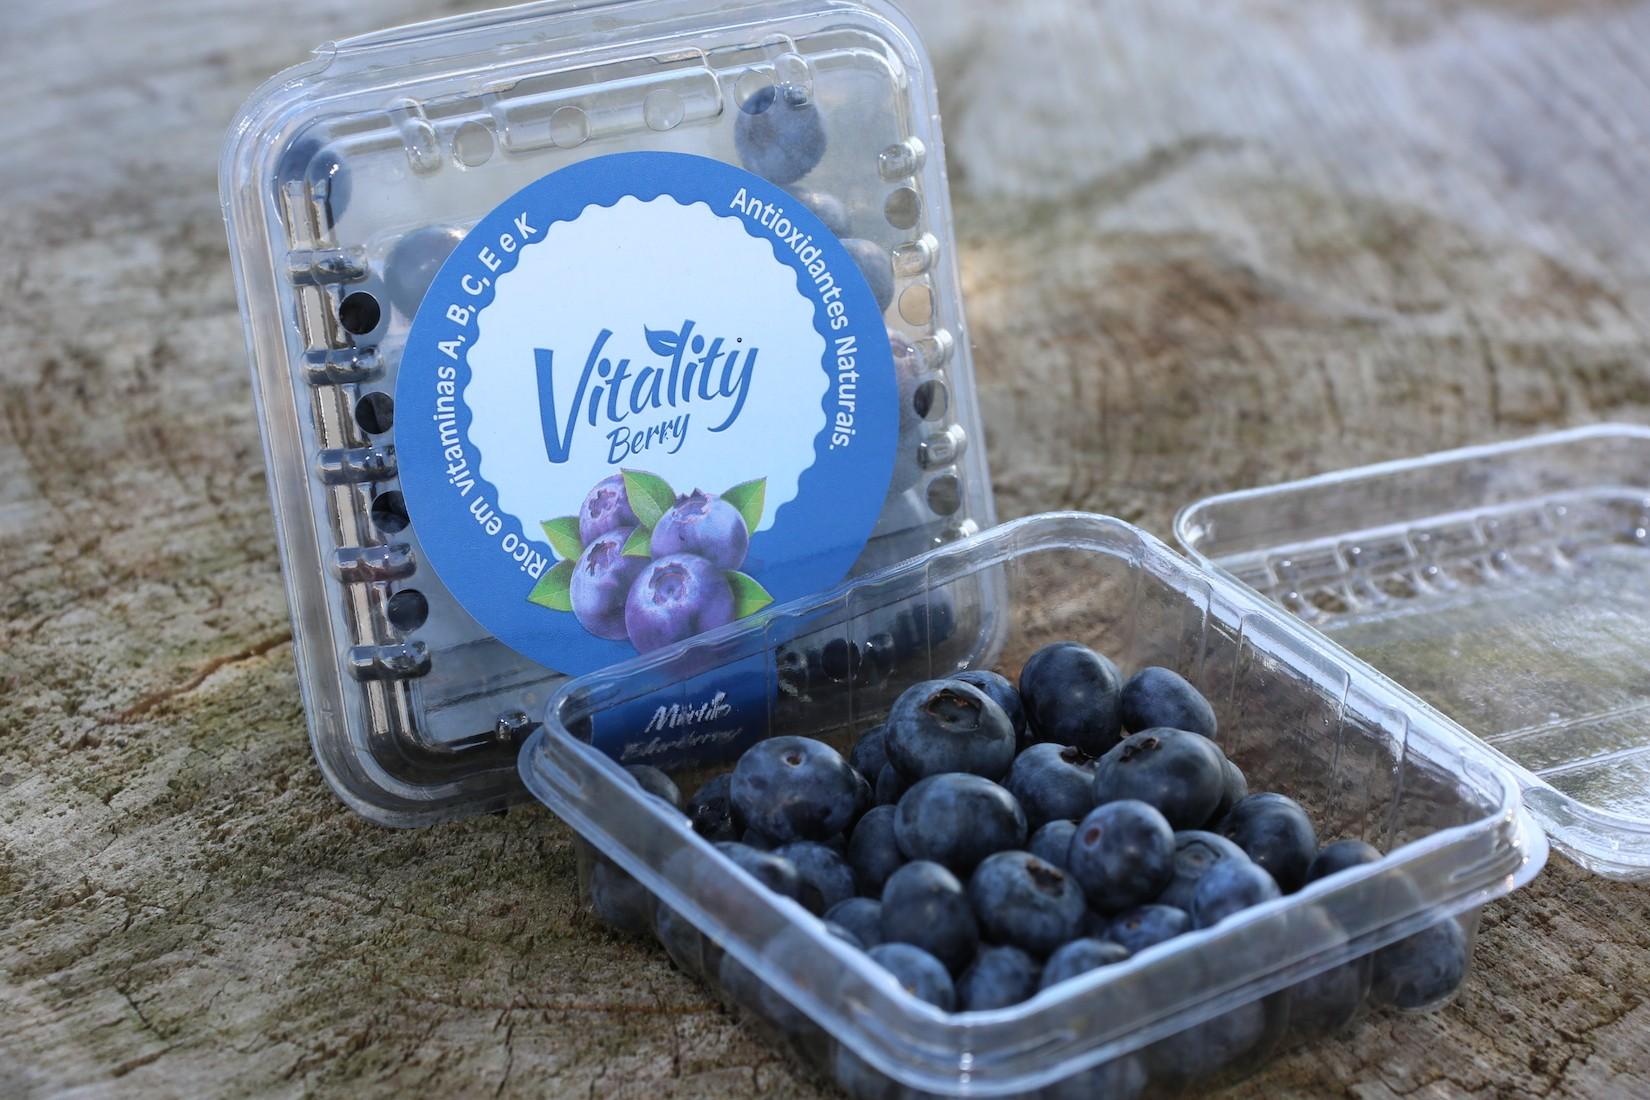 Produção de frutas finas utiliza sistema de energia solar e tem economia em SC - Notícias - Plantão Diário